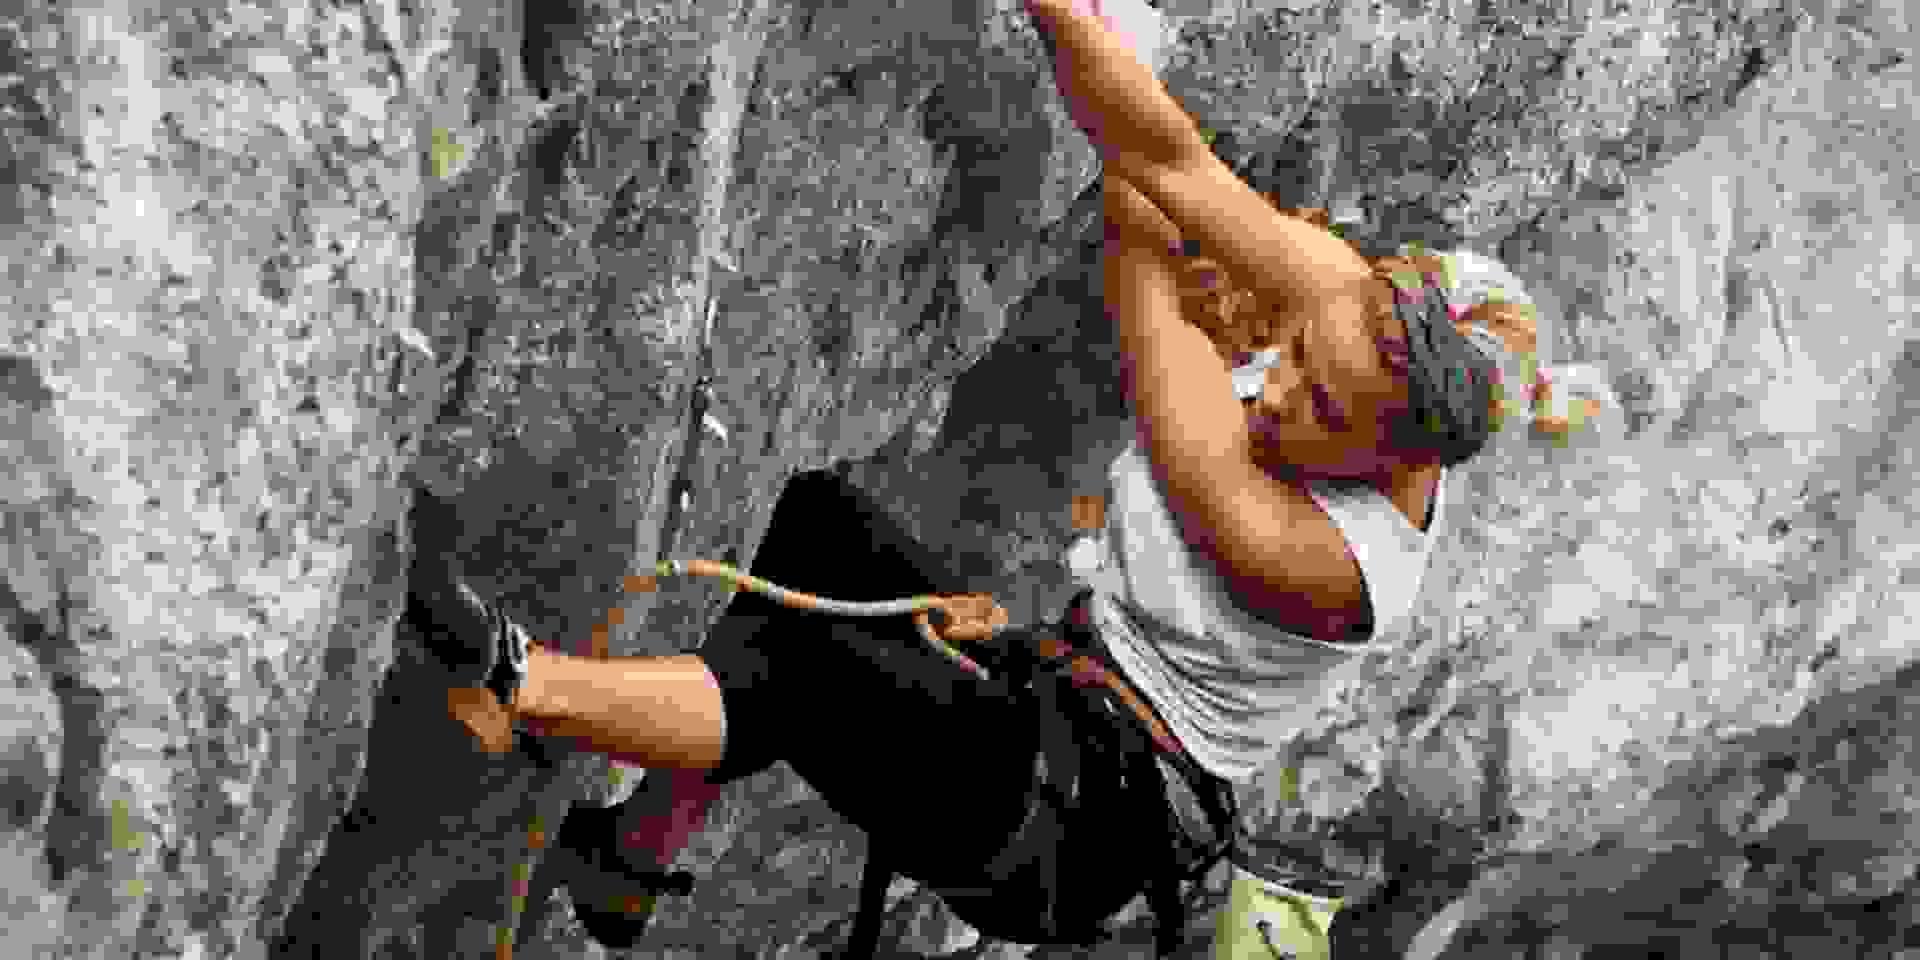 Eine Junge Frau klettert eine Route am Felsen in der freien Natur